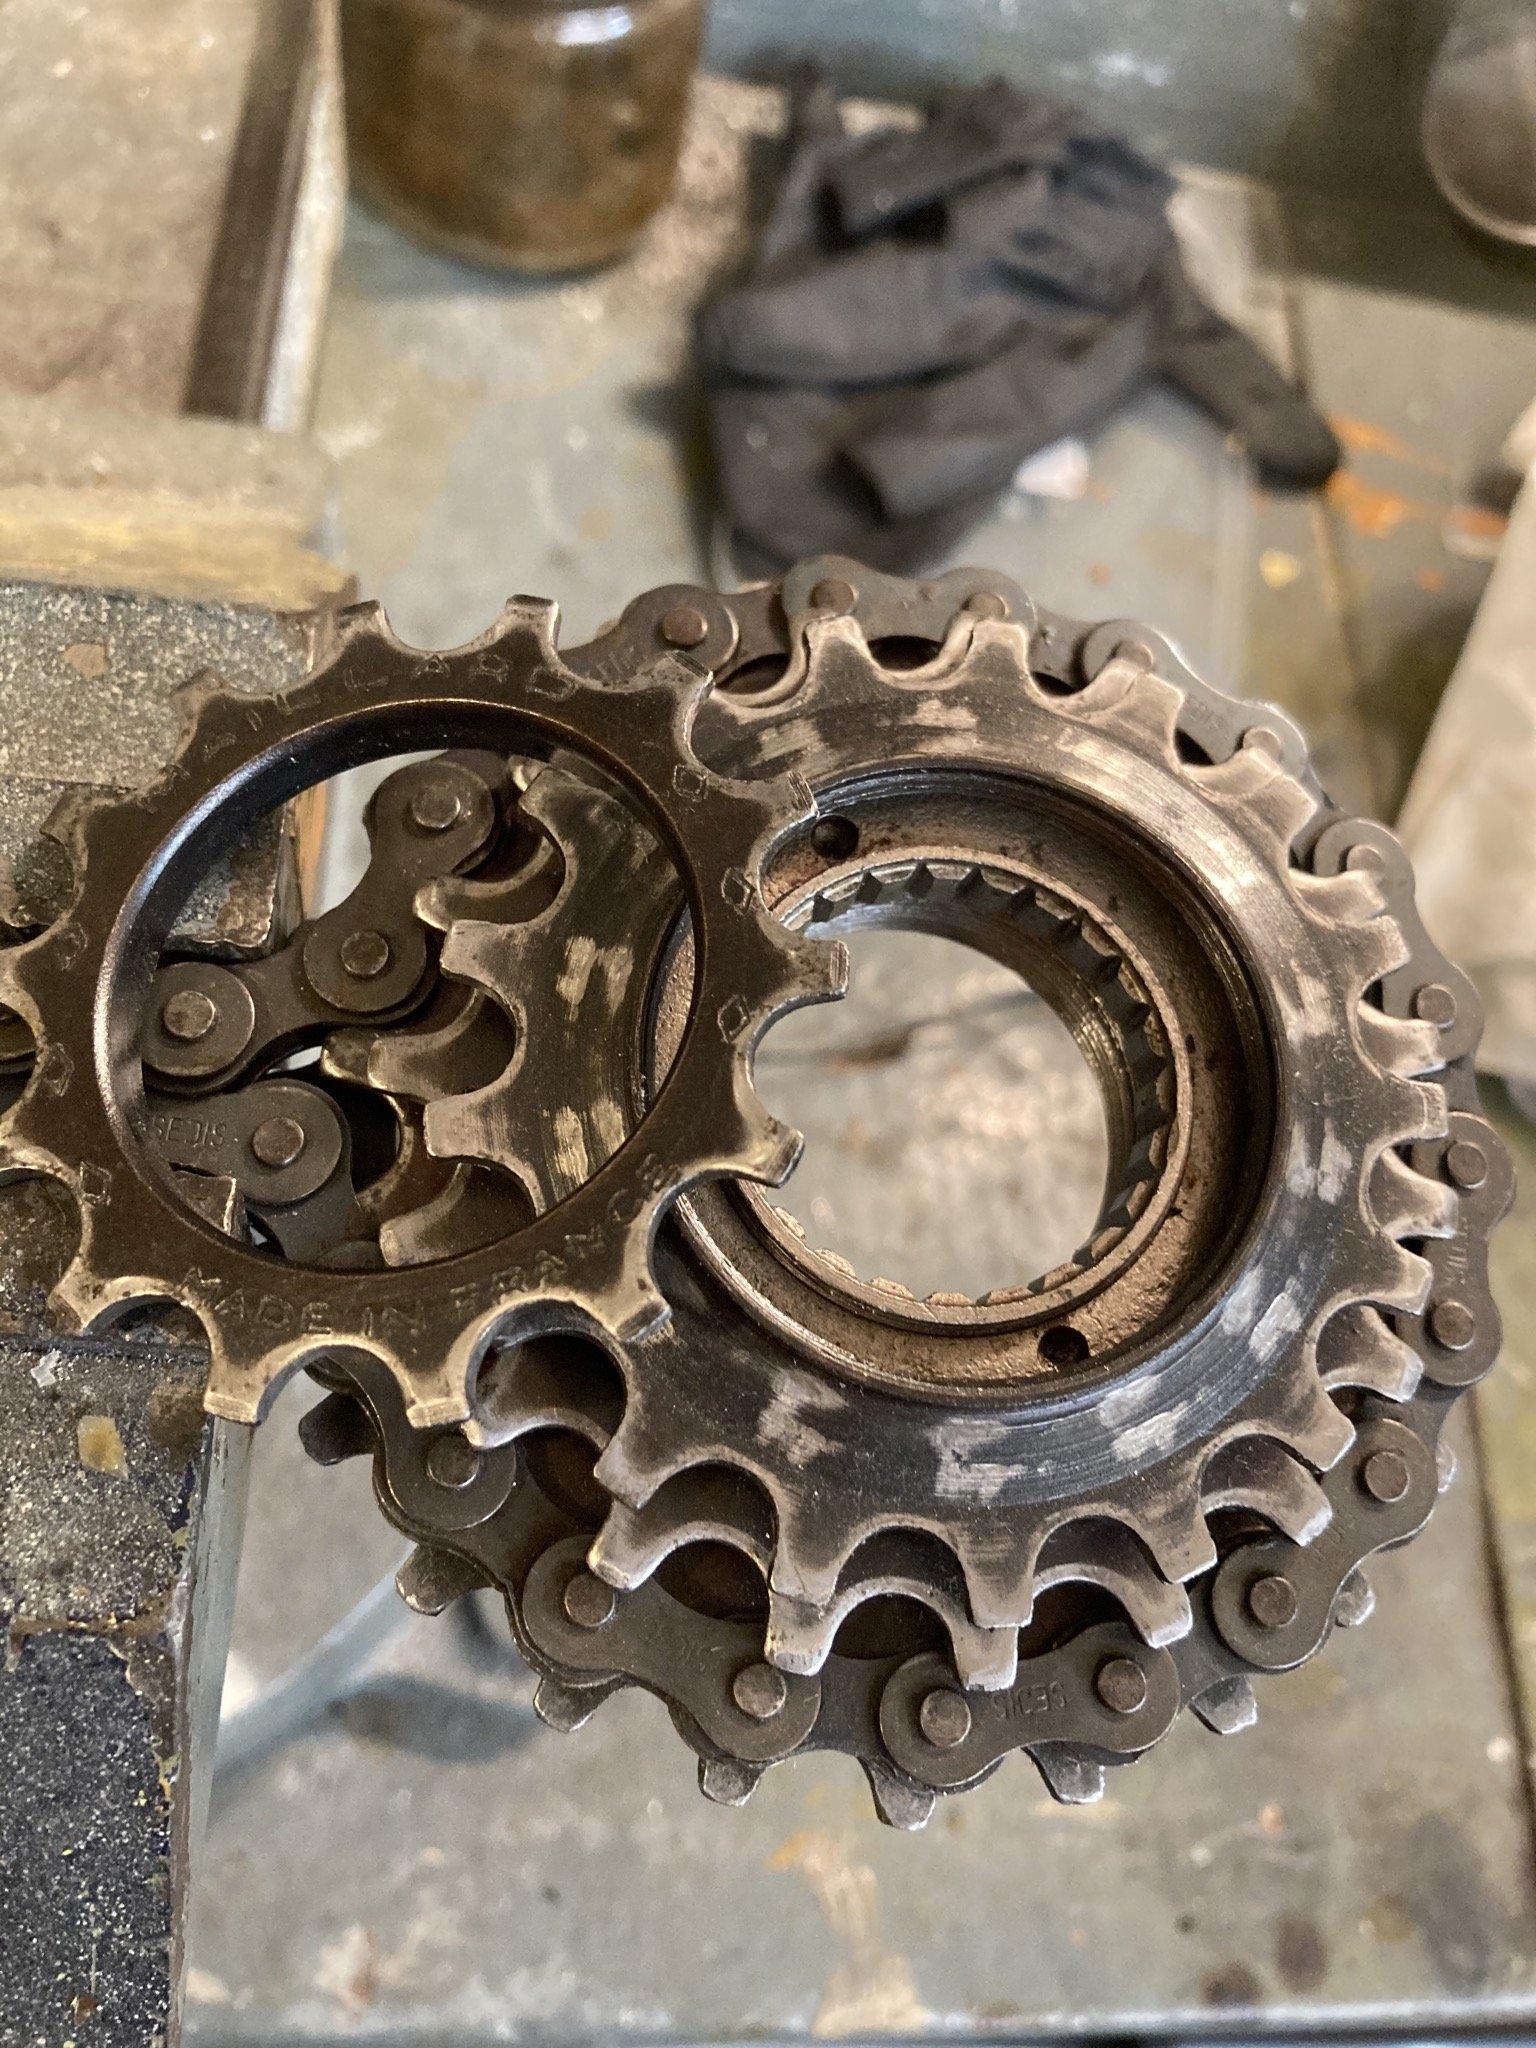 Pignons roue libre Maillard 5V (très) récalcitrants ... une idée ? 200701084850475708